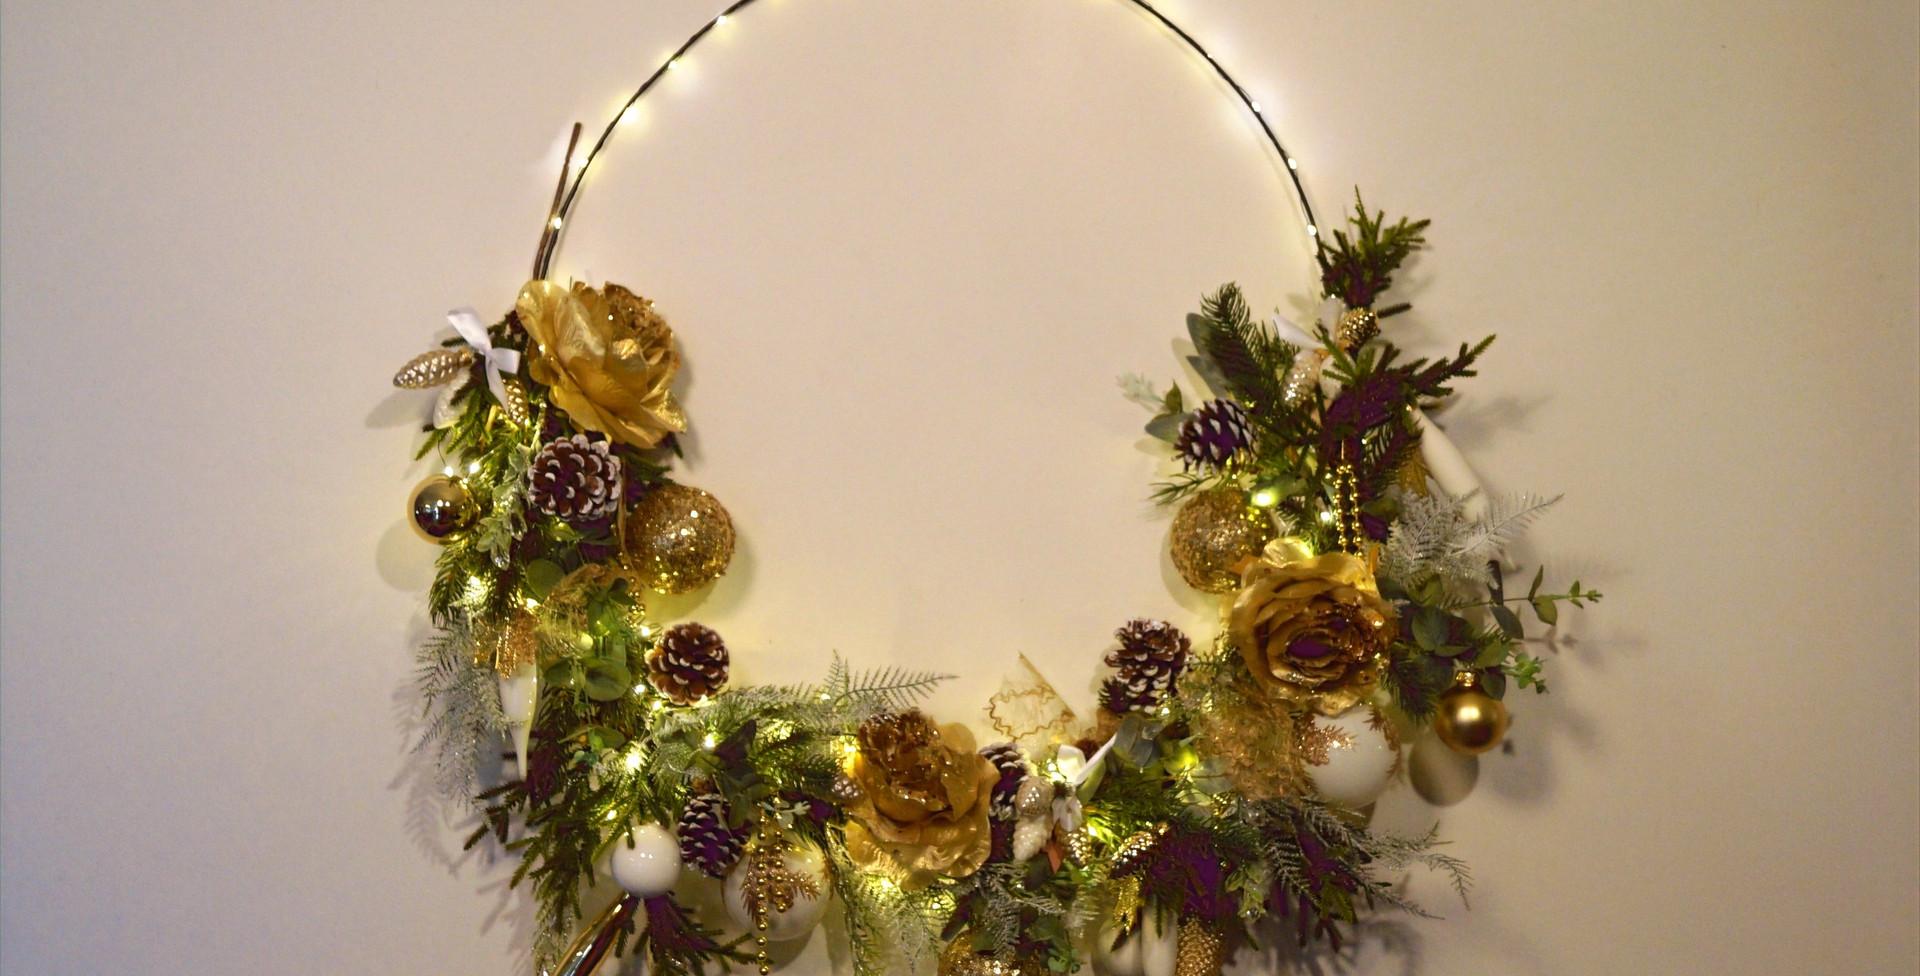 kersthoepel golden glow